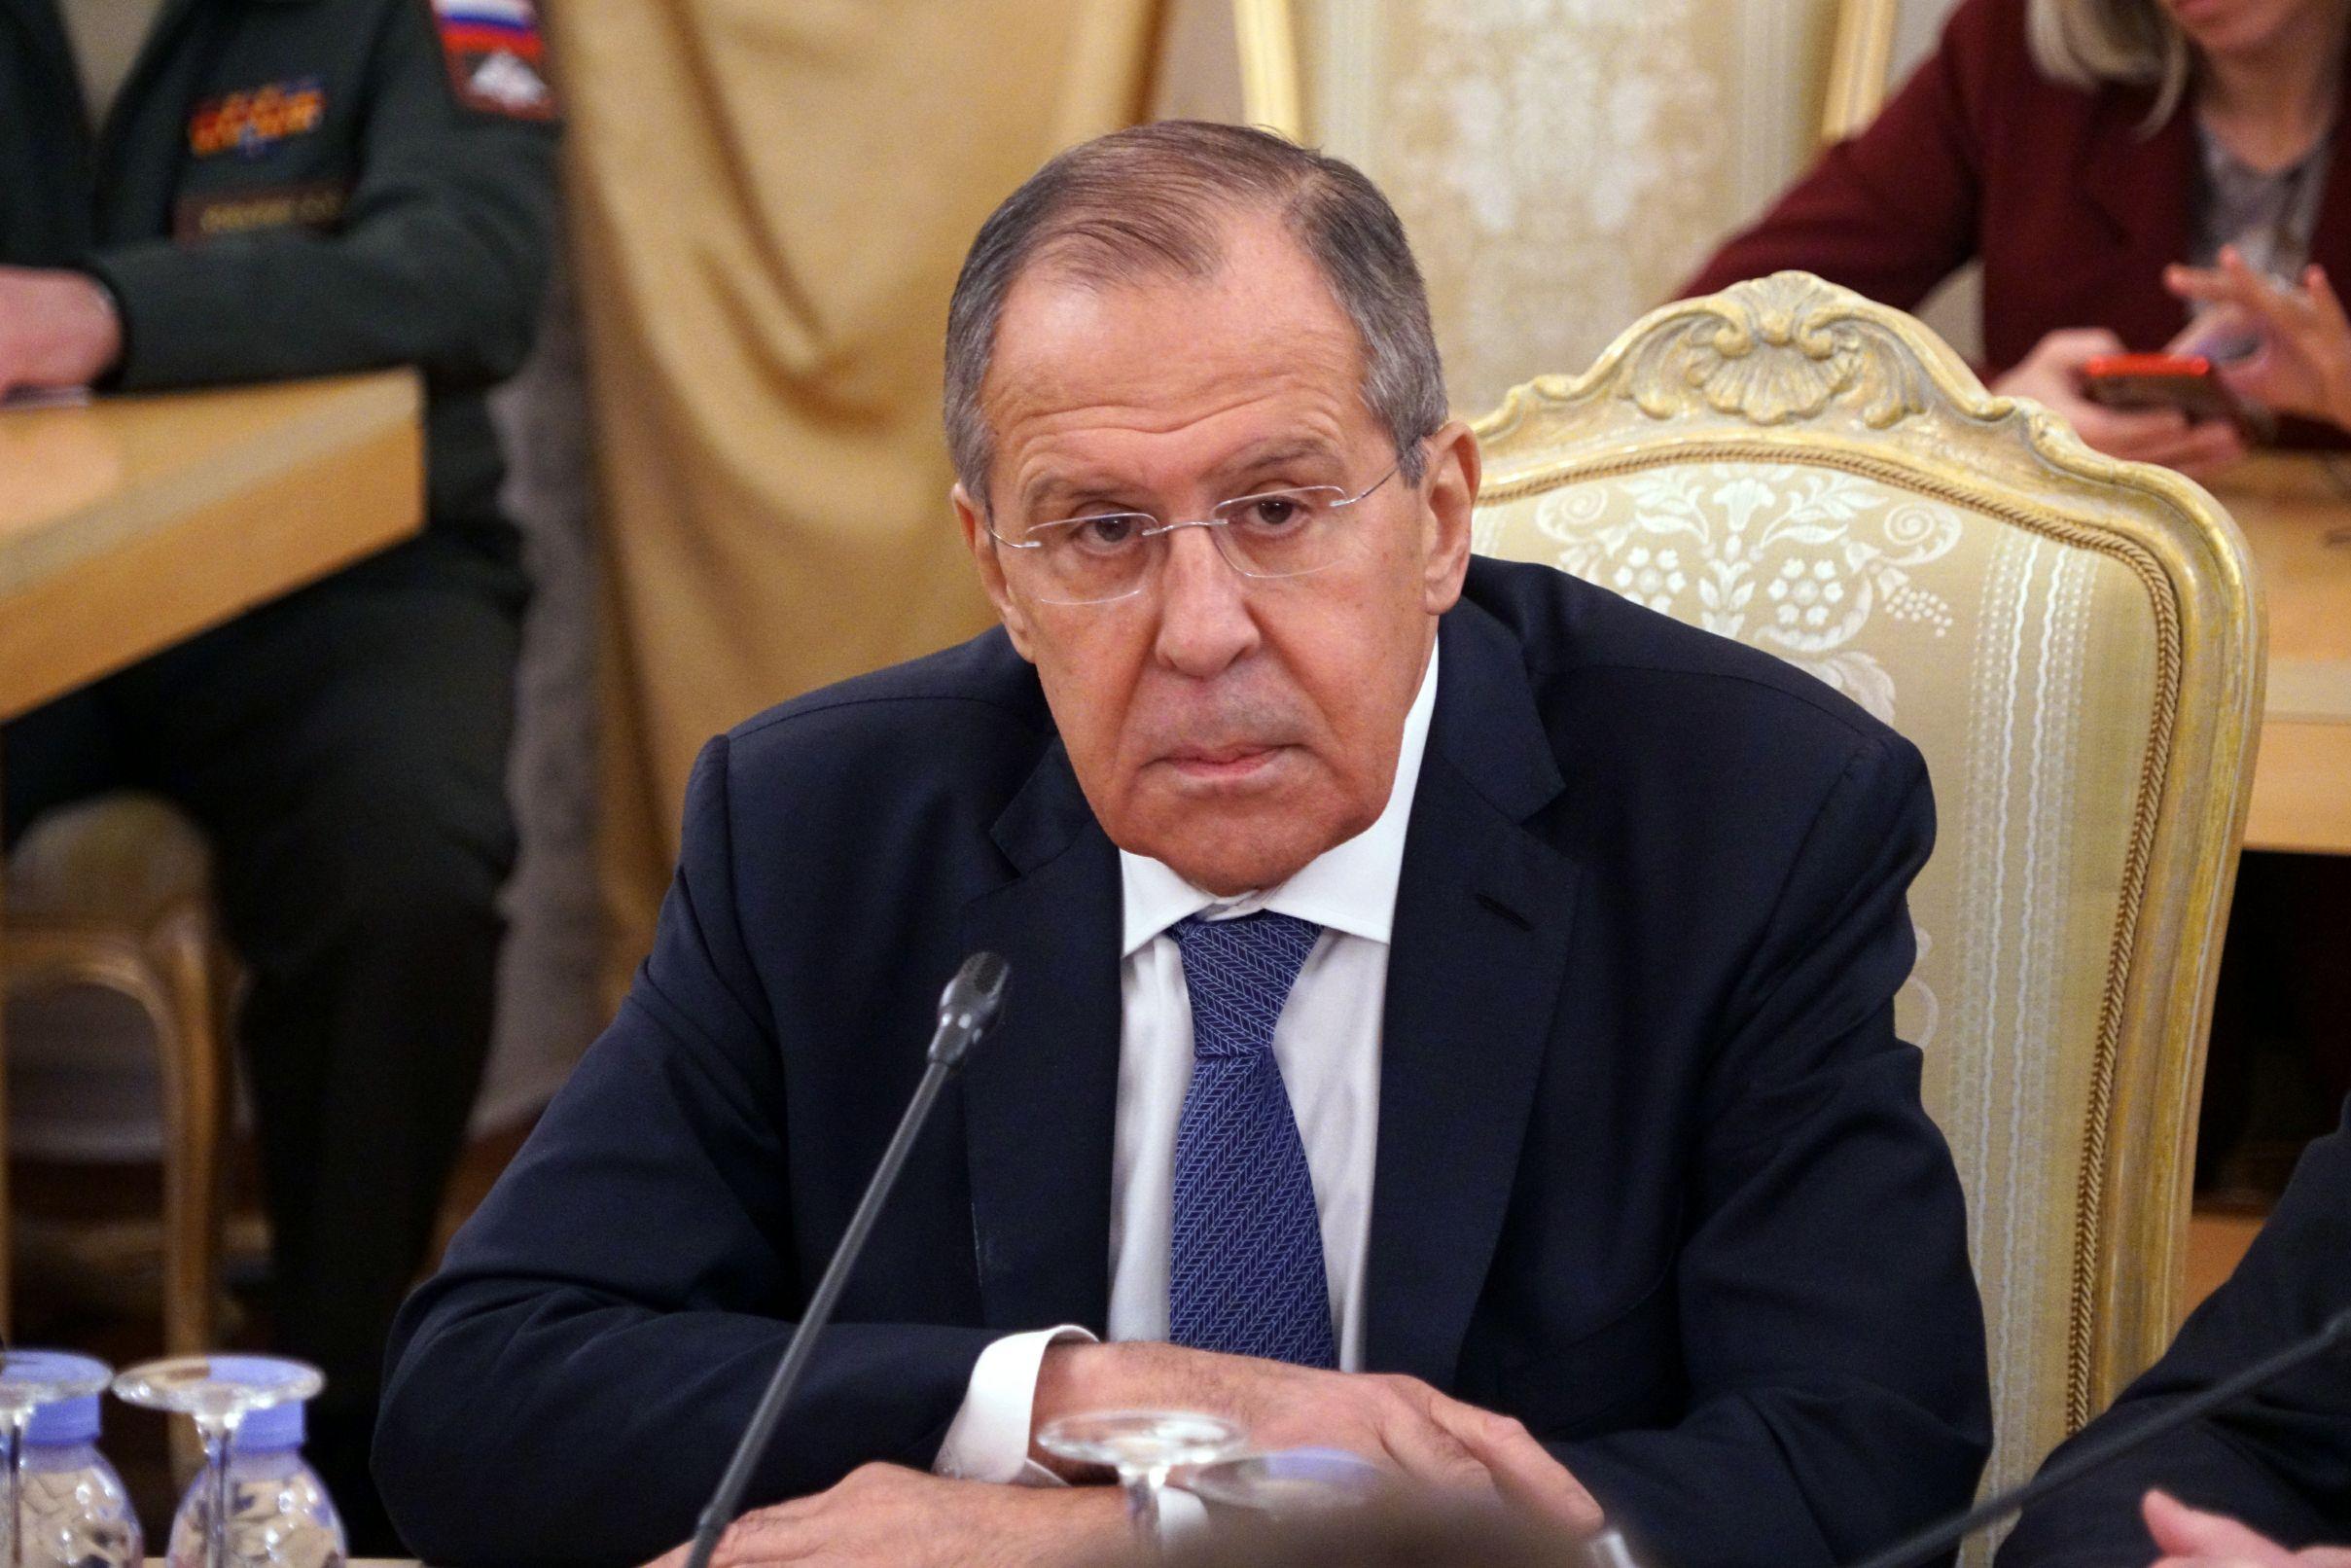 Лавров обвинил Запад в организации беспорядков в России и Белоруссии